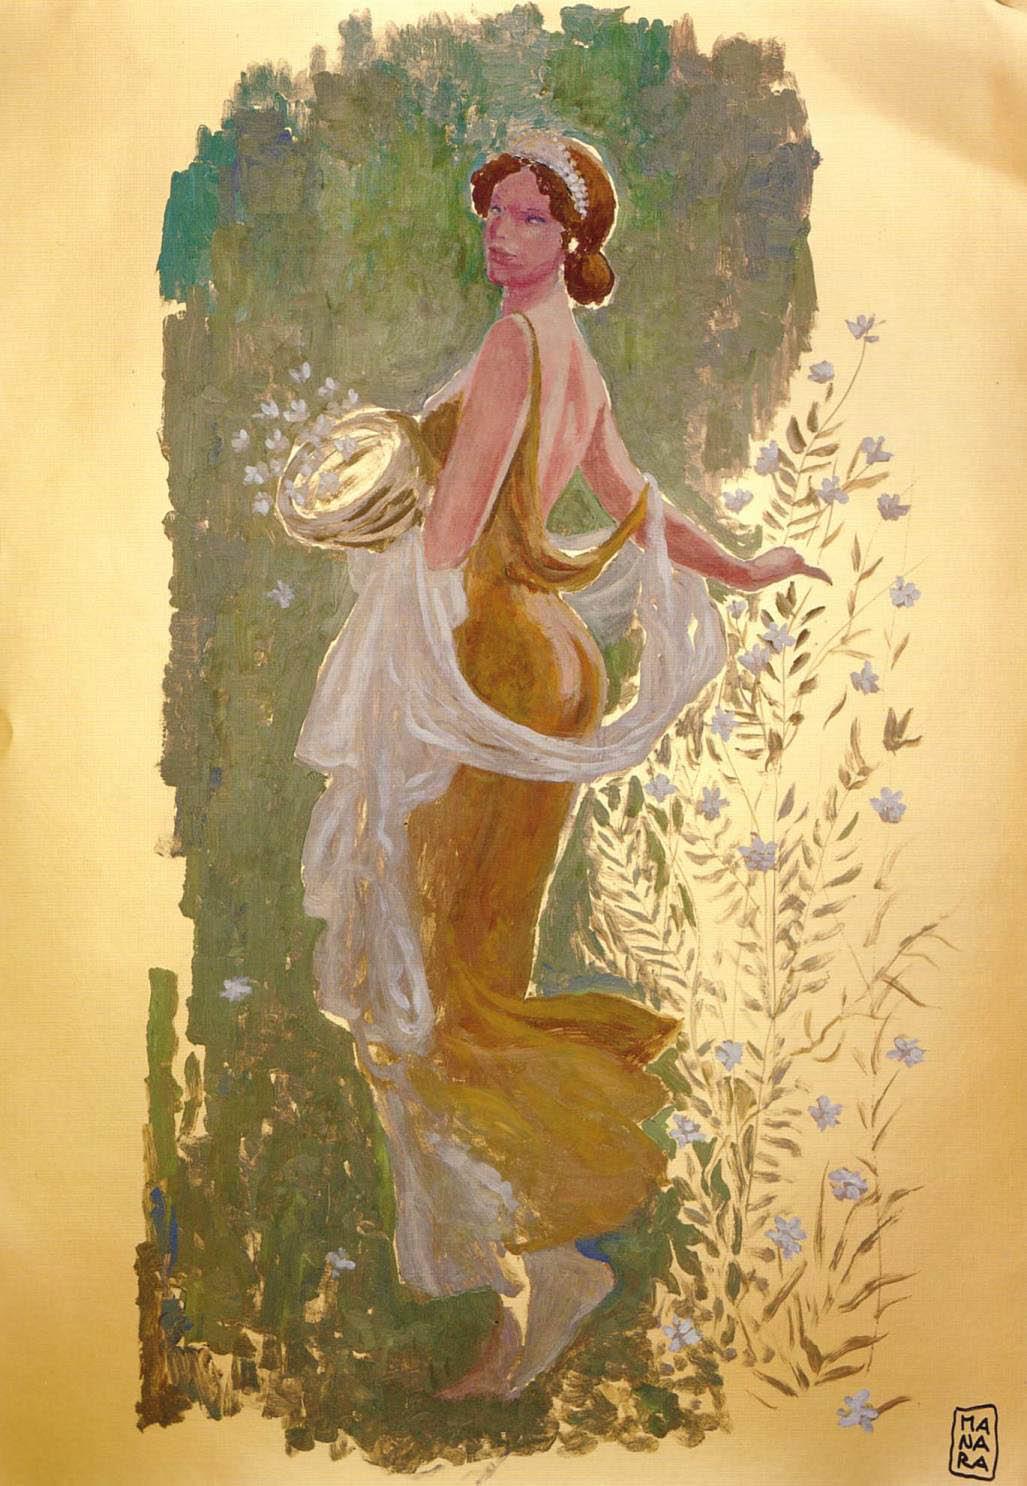 Saias-sóis - The Mysterious Beauty (Ilustração de Milo Manara)